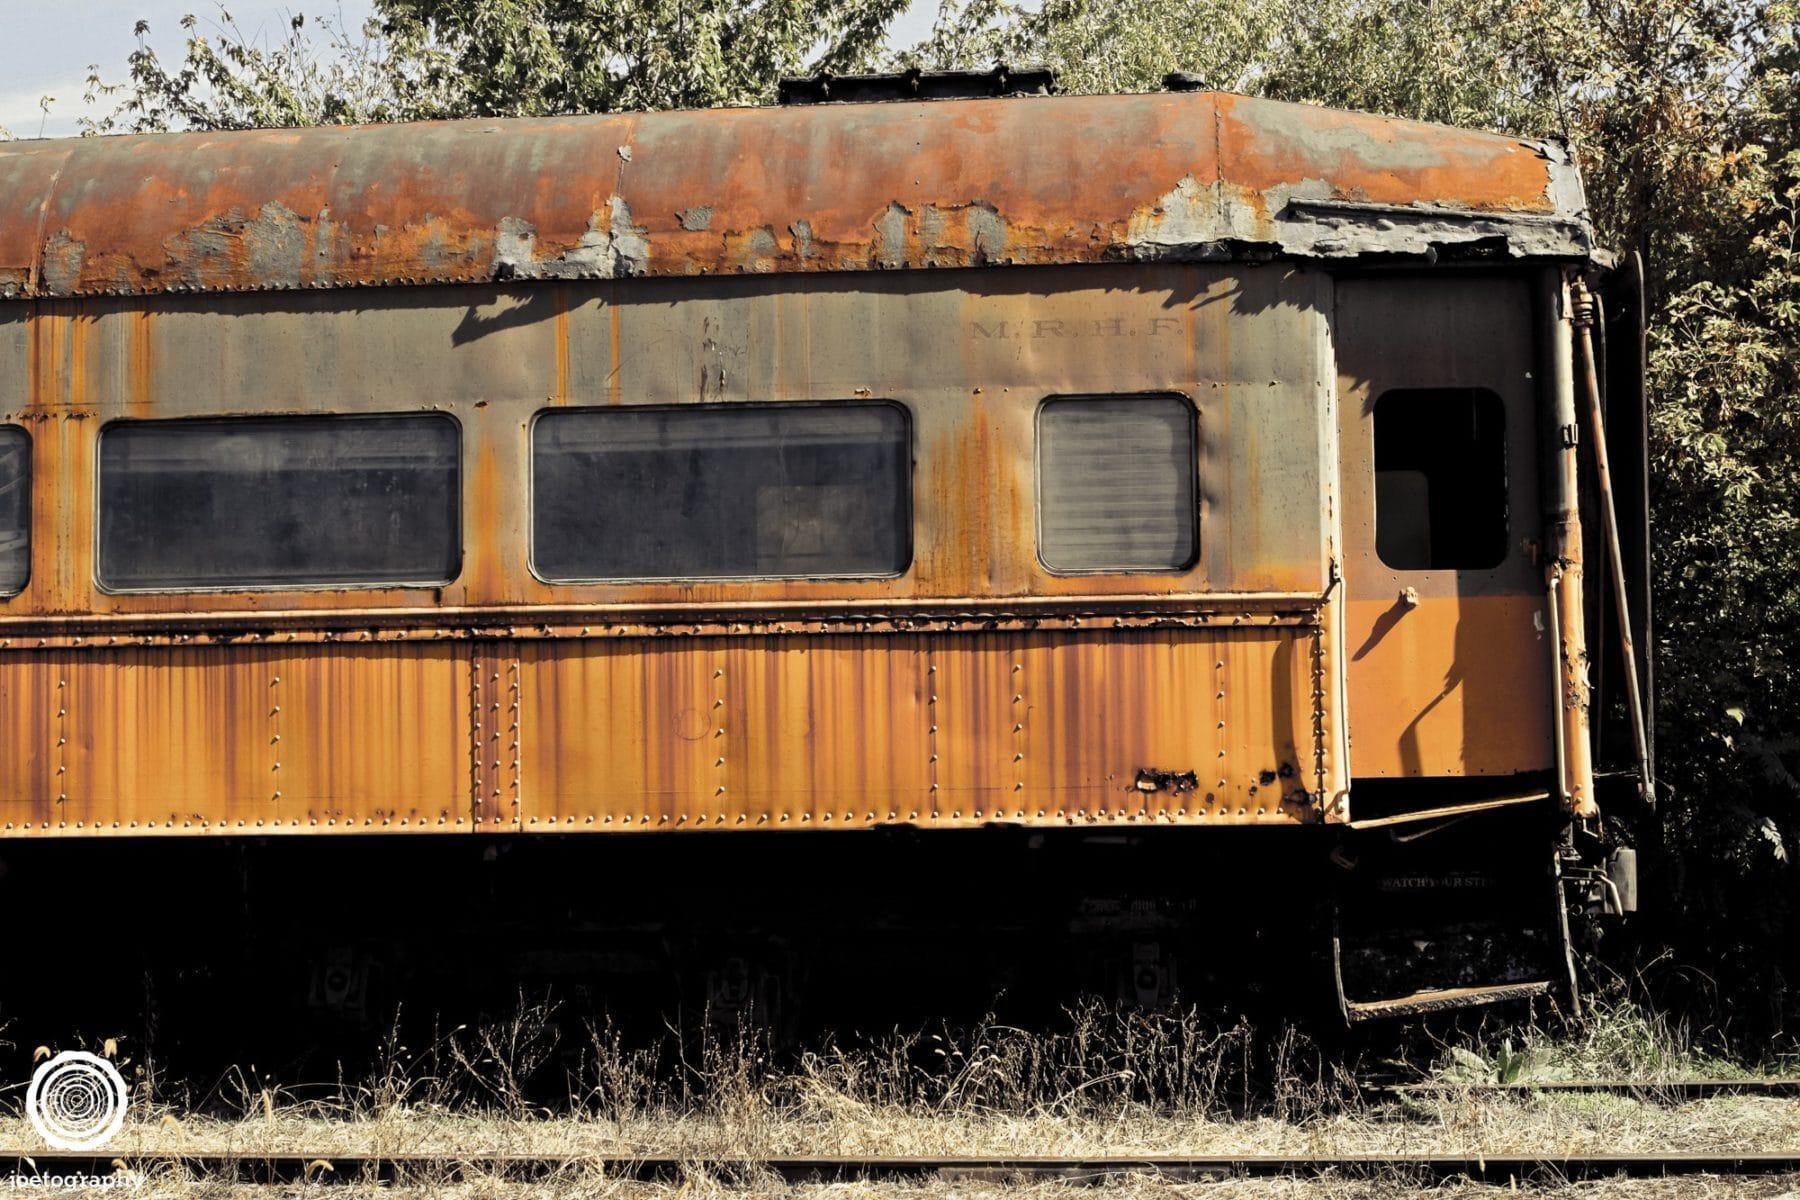 Abandoned-Train-Photography-Carthage-Indiana-2